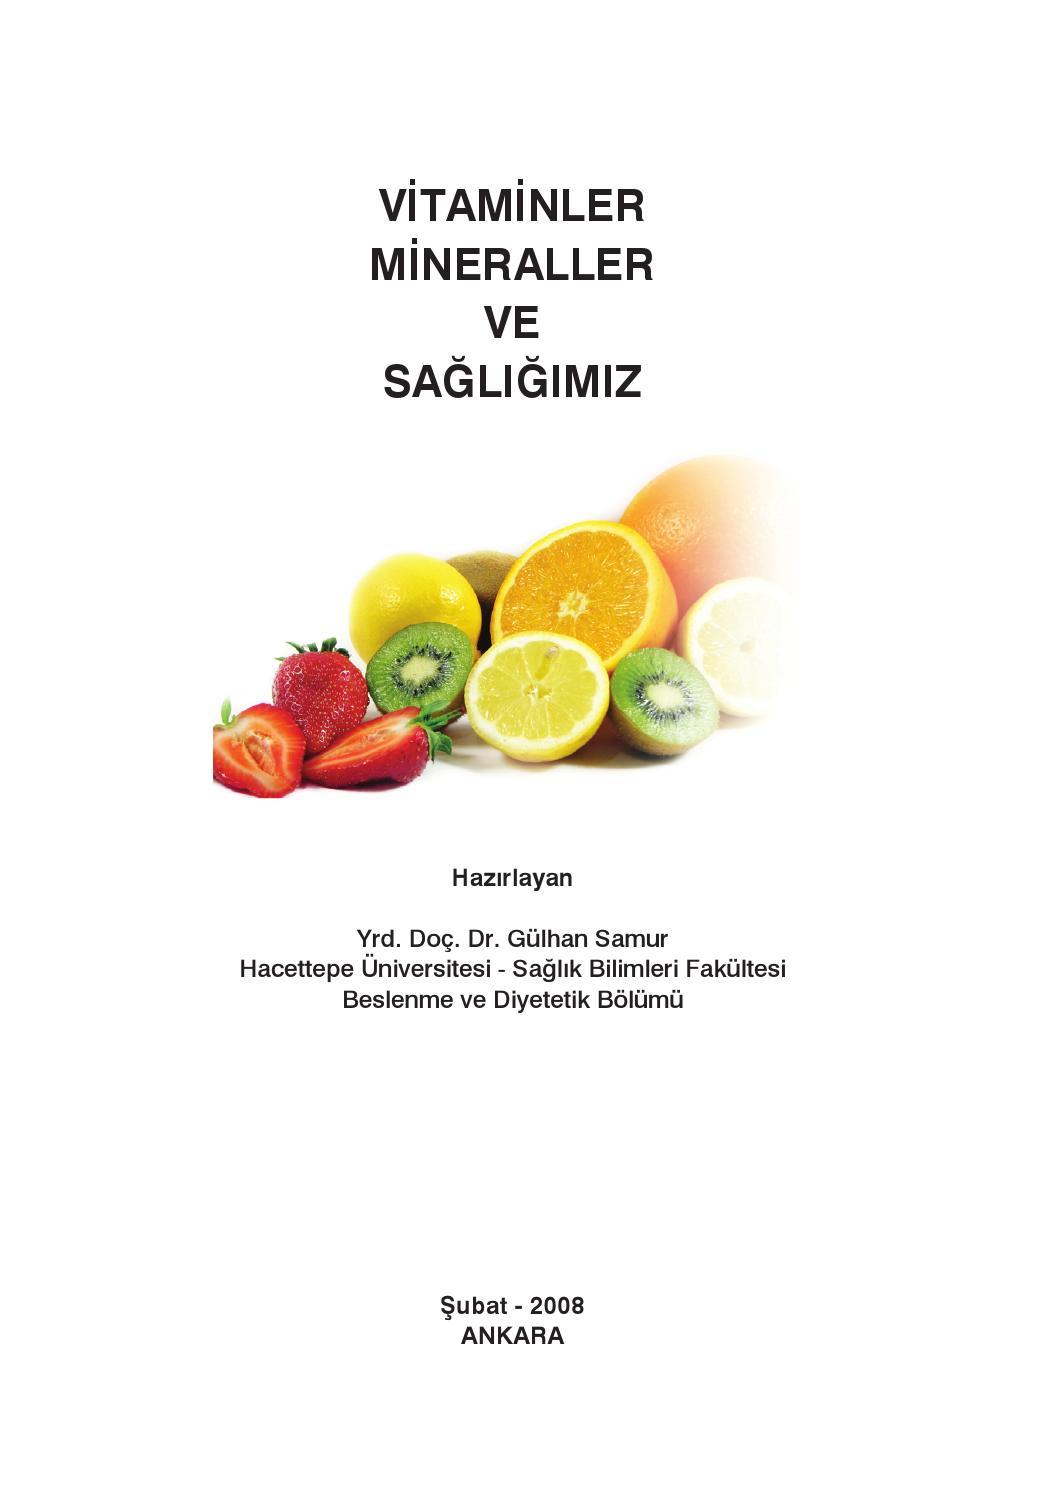 D Vitaminin Vücuttaki Fonksiyonları ve Gereksinim Düzeyleri